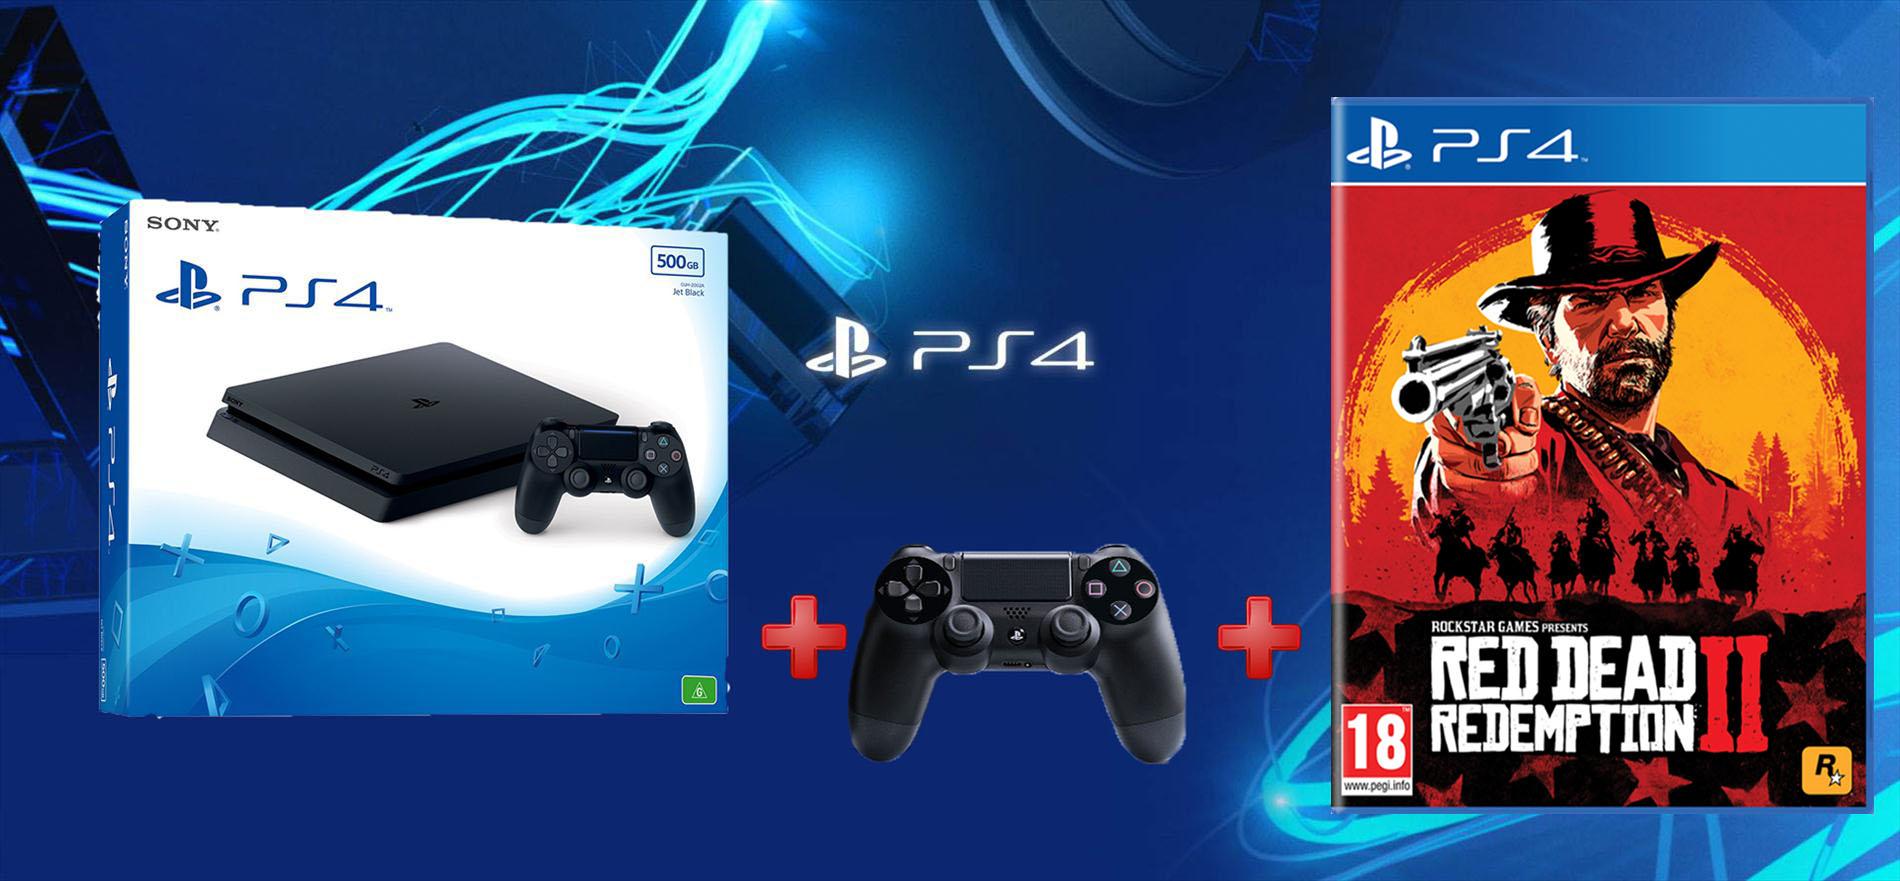 להפליא קונסולת Playstation 4 Slim 1TB+ שלט נוסף + Red Dead Redemption II! IW-75